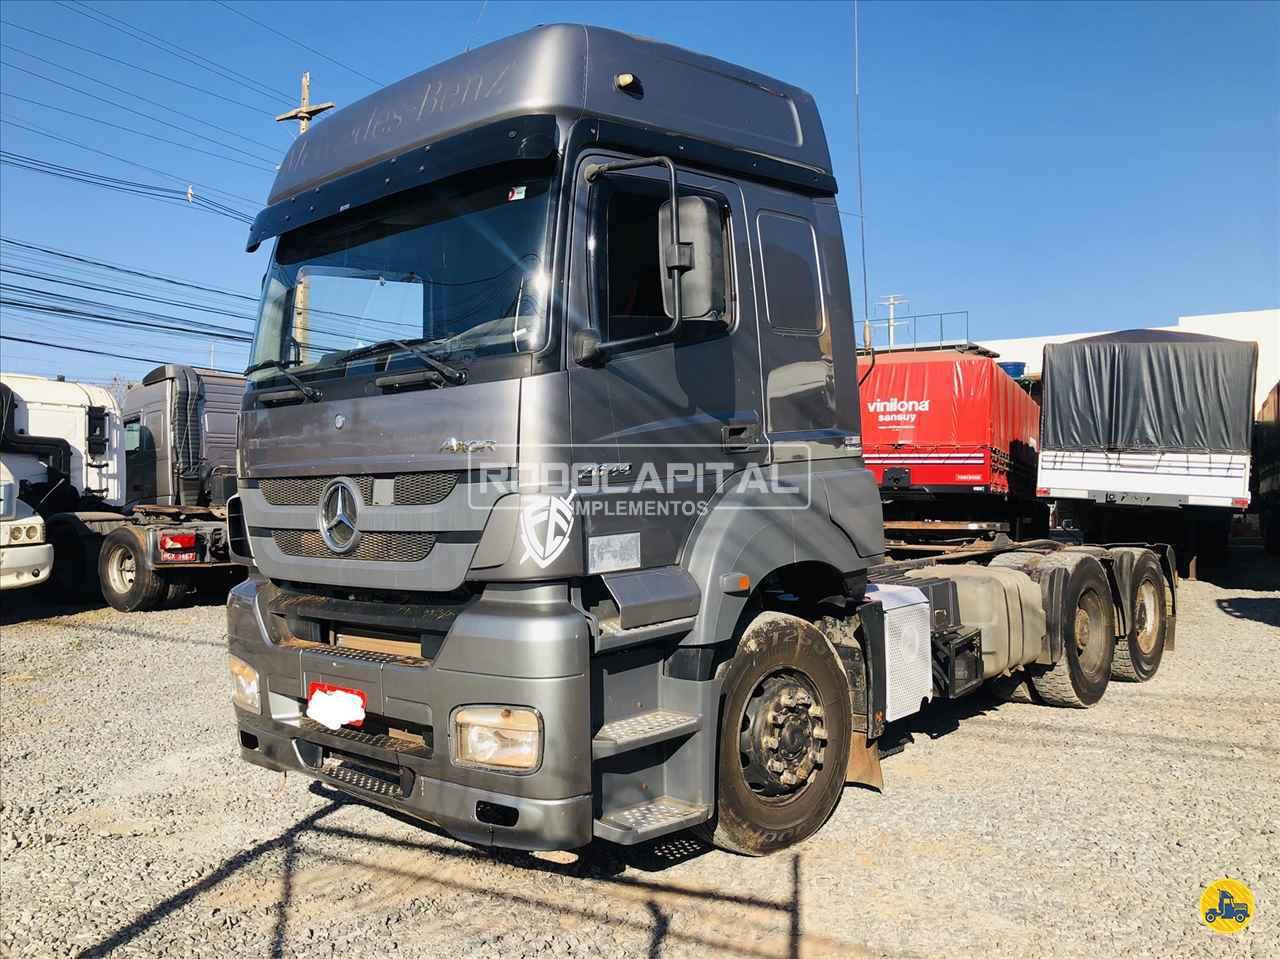 CAMINHAO MERCEDES-BENZ MB 2644 Cavalo Mecânico Traçado 6x4 RODOCAPITAL - TRUCKVAN BRASILIA DISTRITO FEDERAL DF